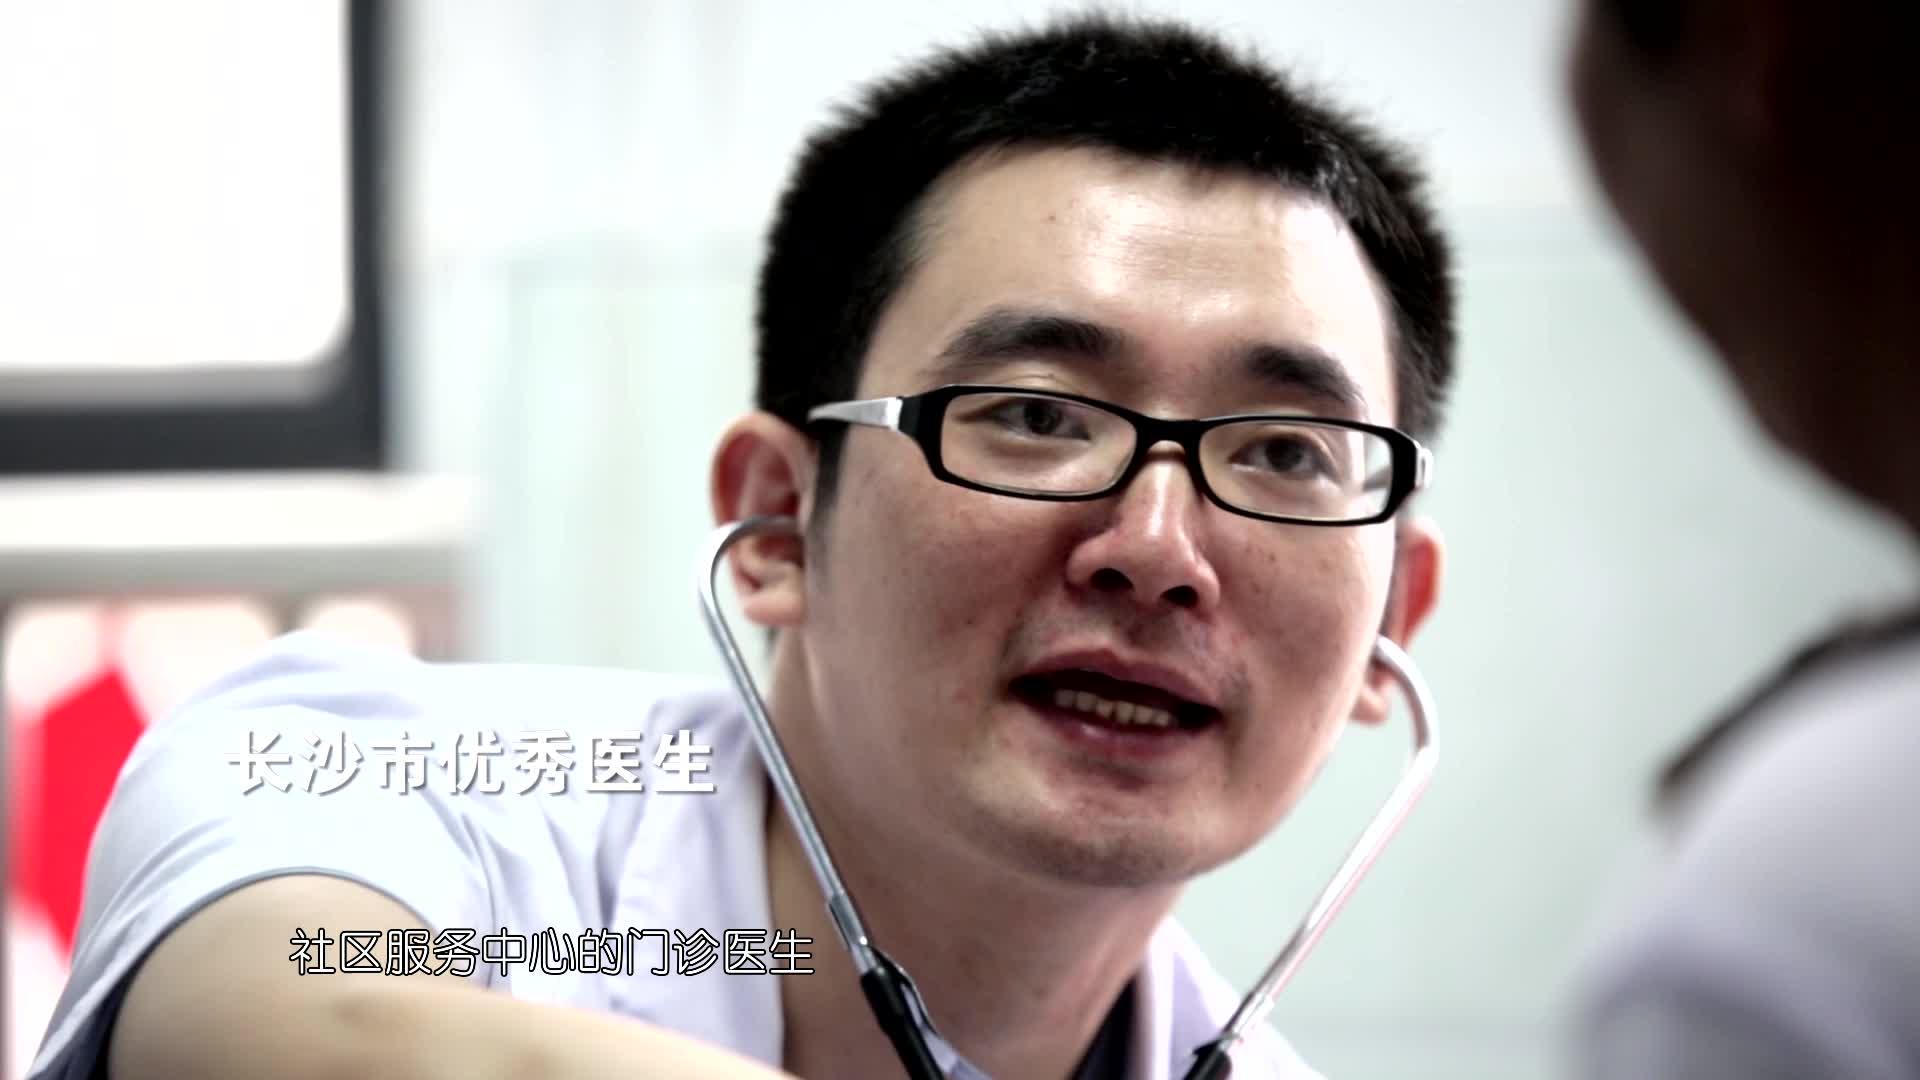 【你好,40年】⑨社区医生舒煜鹏:当好社区居民健康守门人